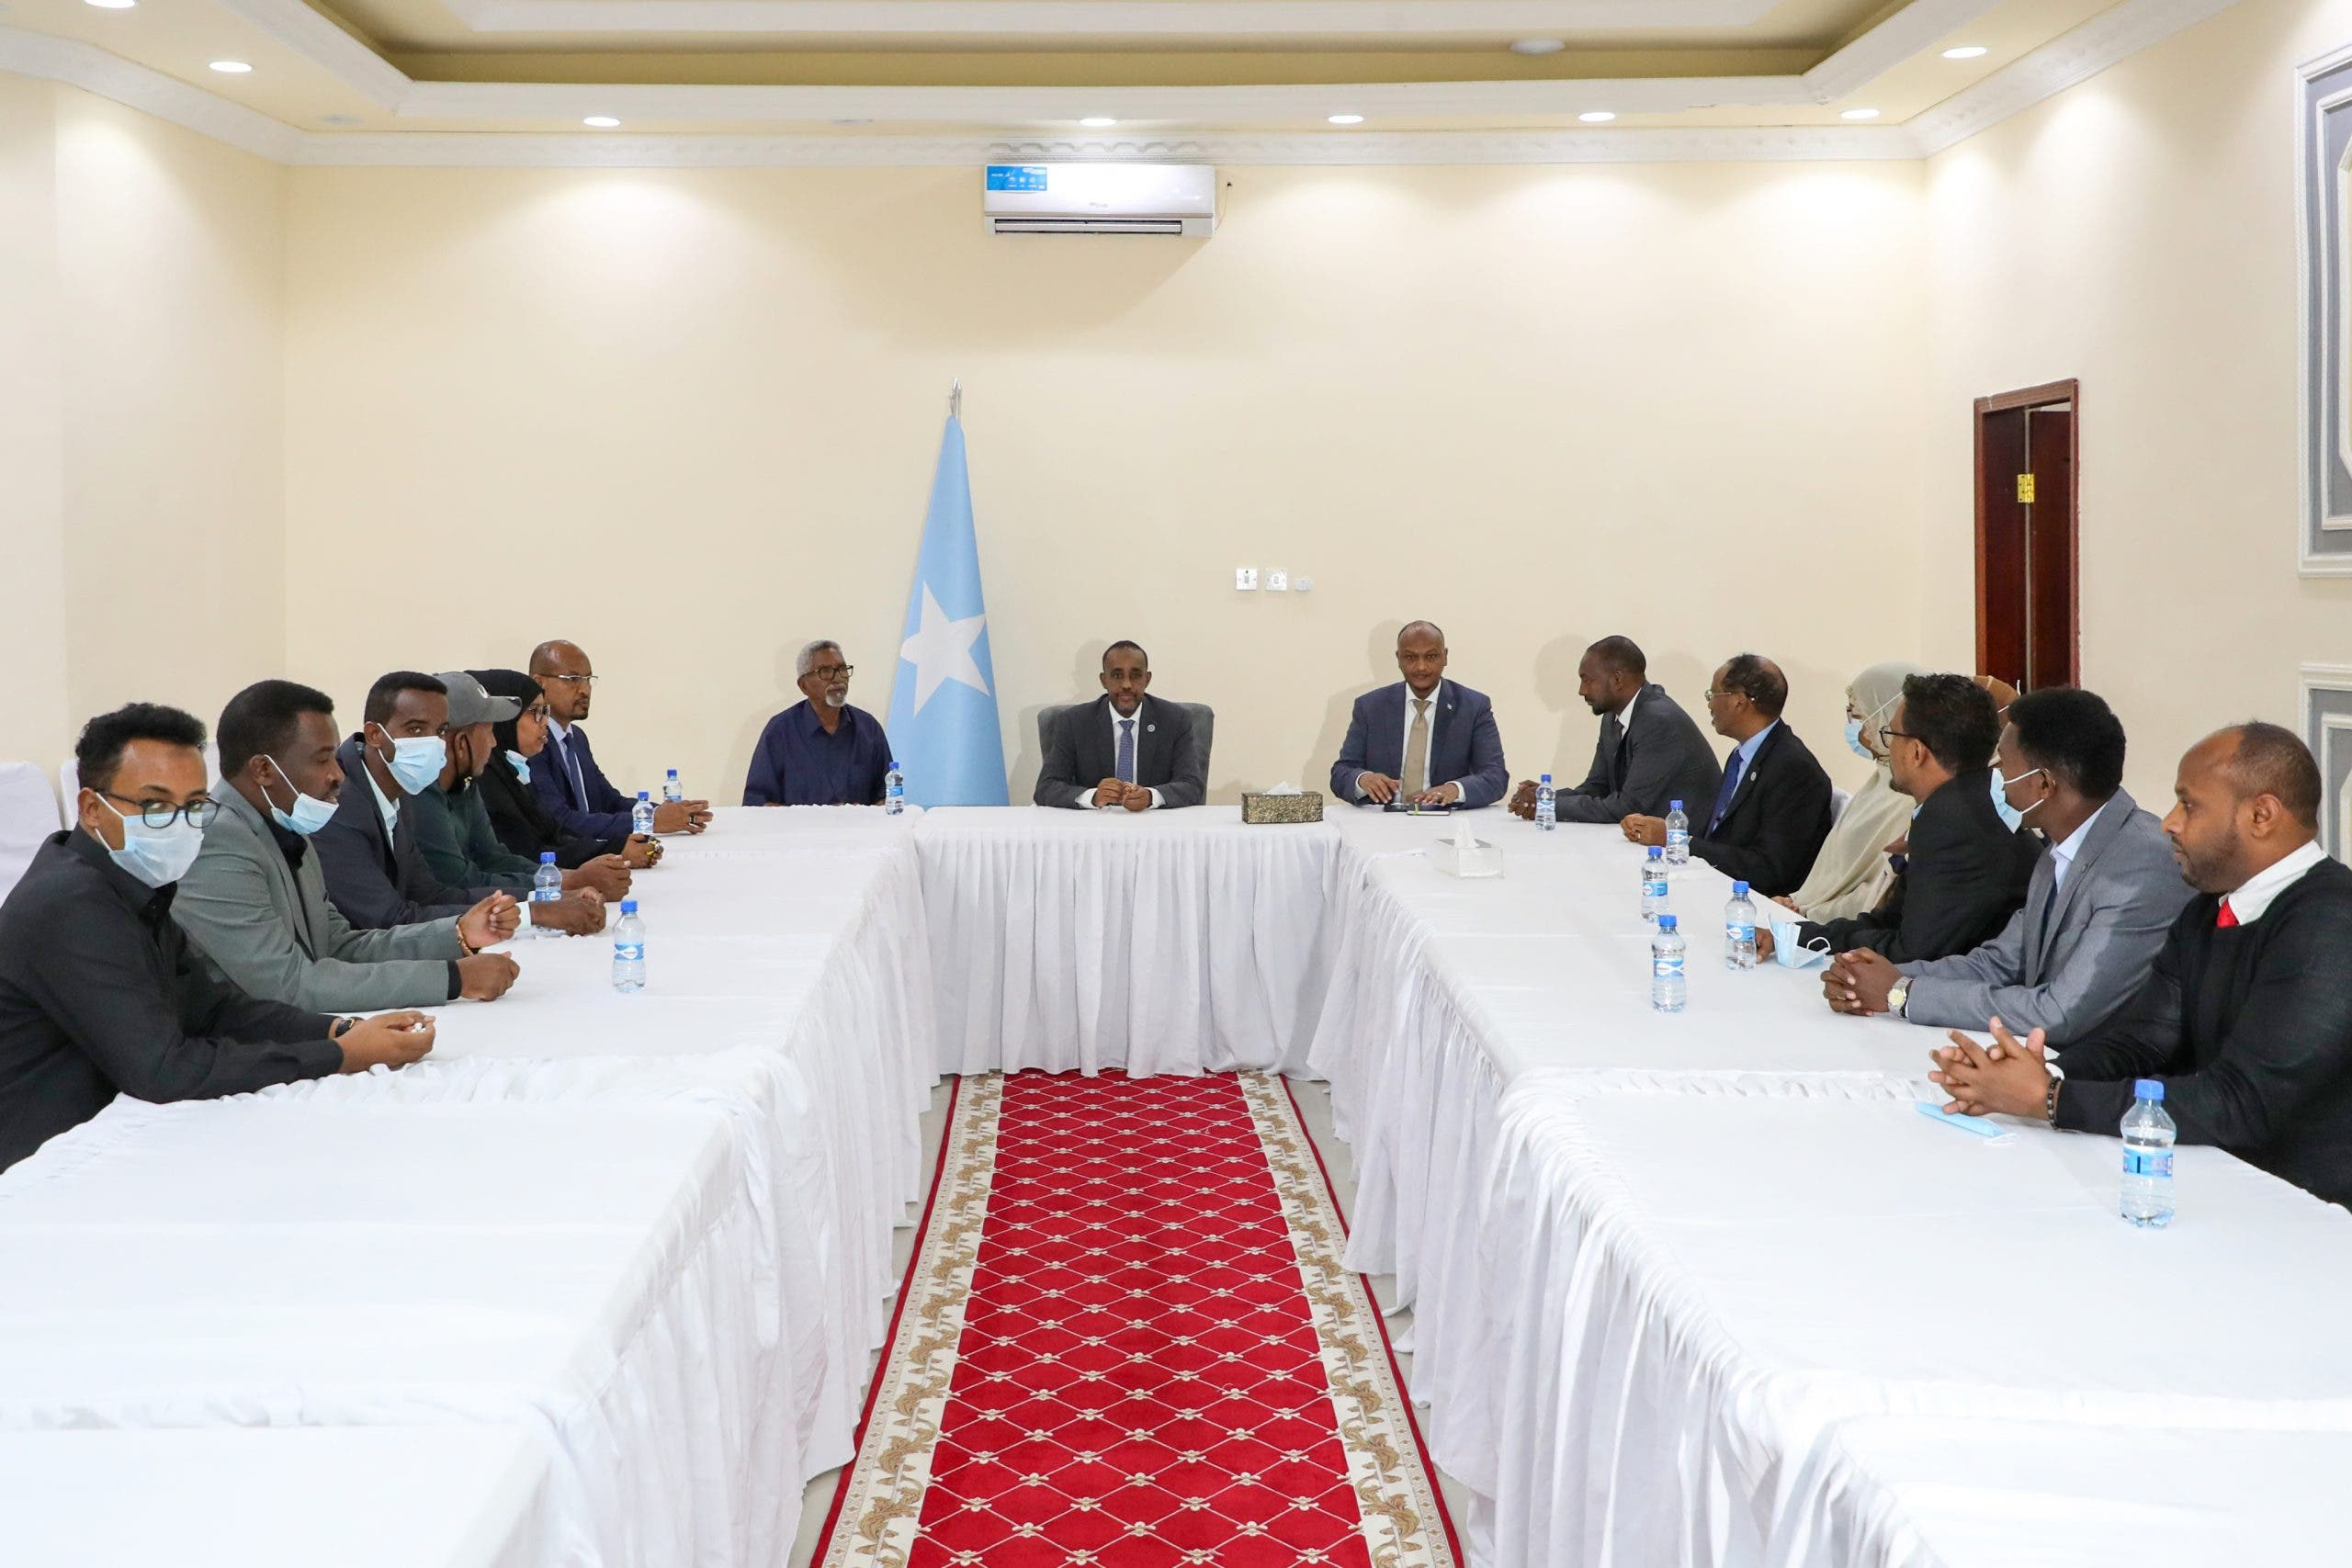 Daawo: Goorta la billaabayo doorashada Aqalka Sare ee Somaliland oo la shaaciyey